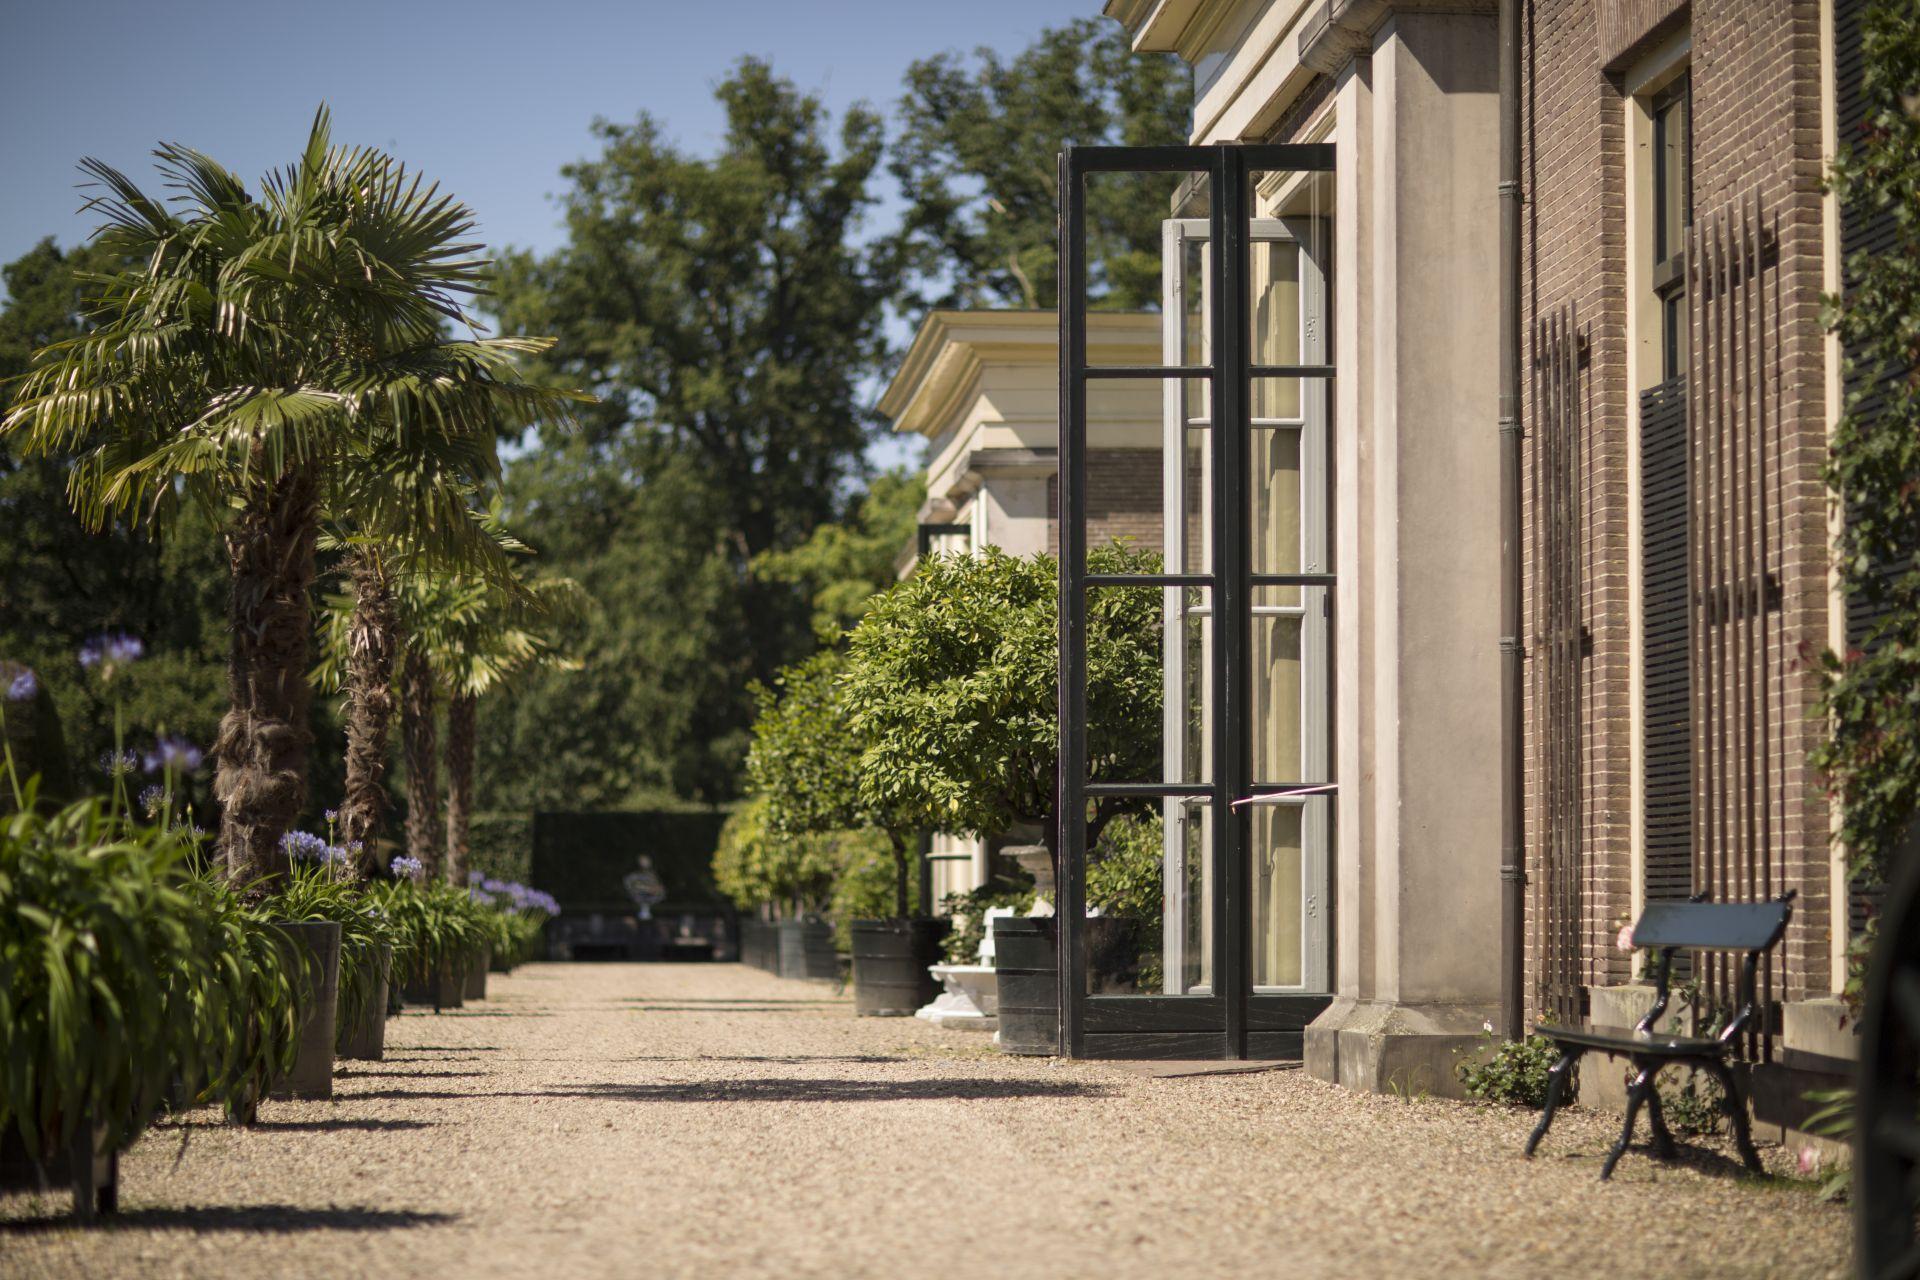 Engelse Landschapsstijl Tuin : Opening tuinen van twickel agenda nieuws uit delden het